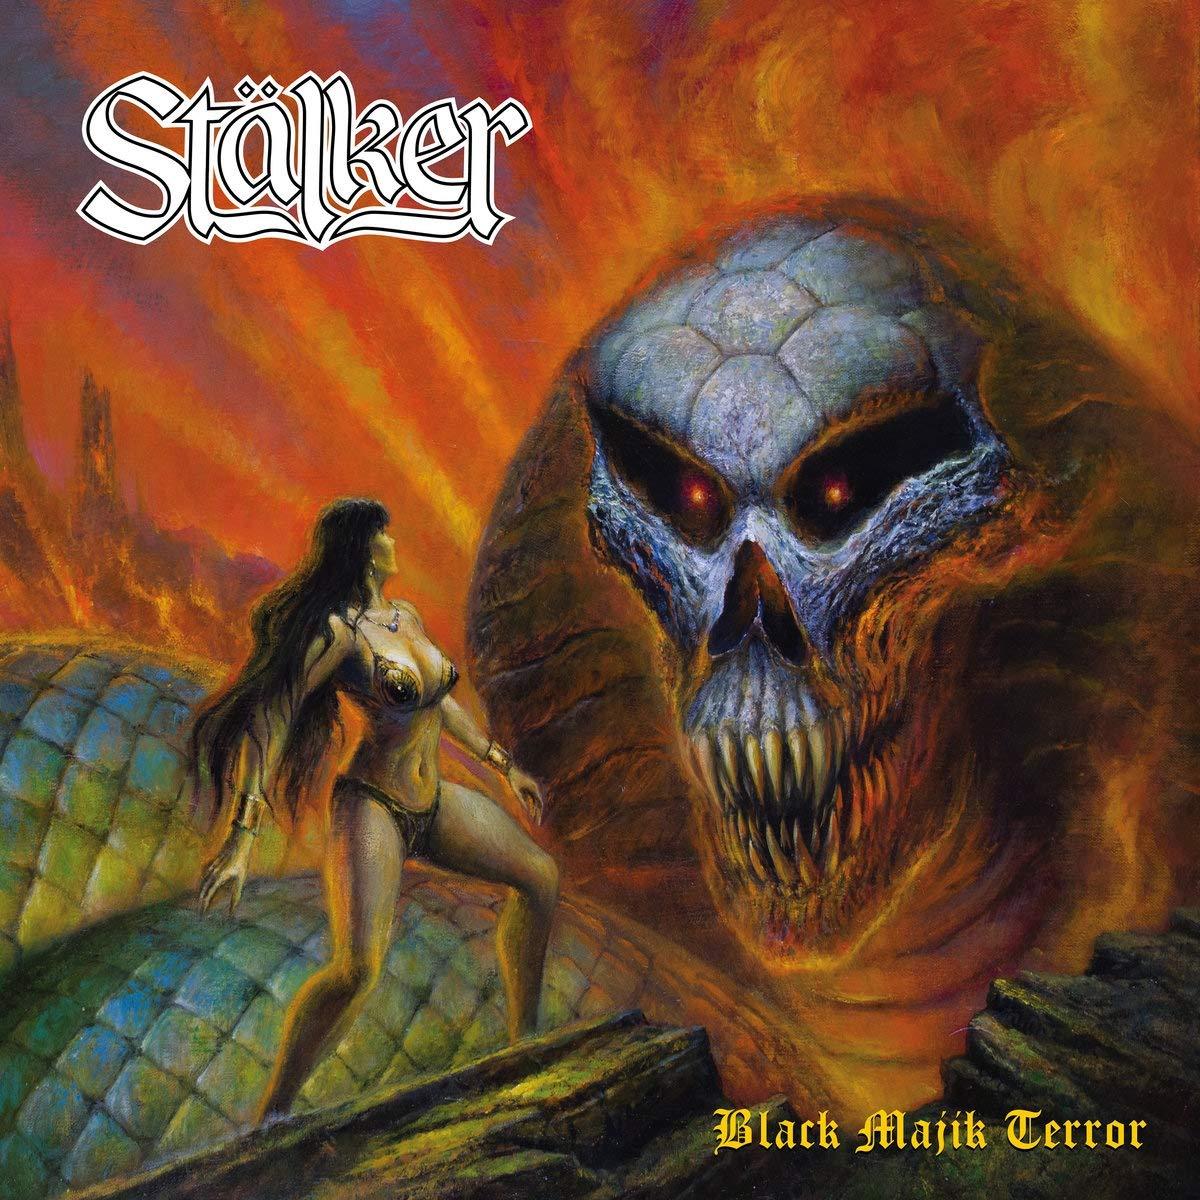 Stalker – Black Majik Terror (2020) [FLAC]